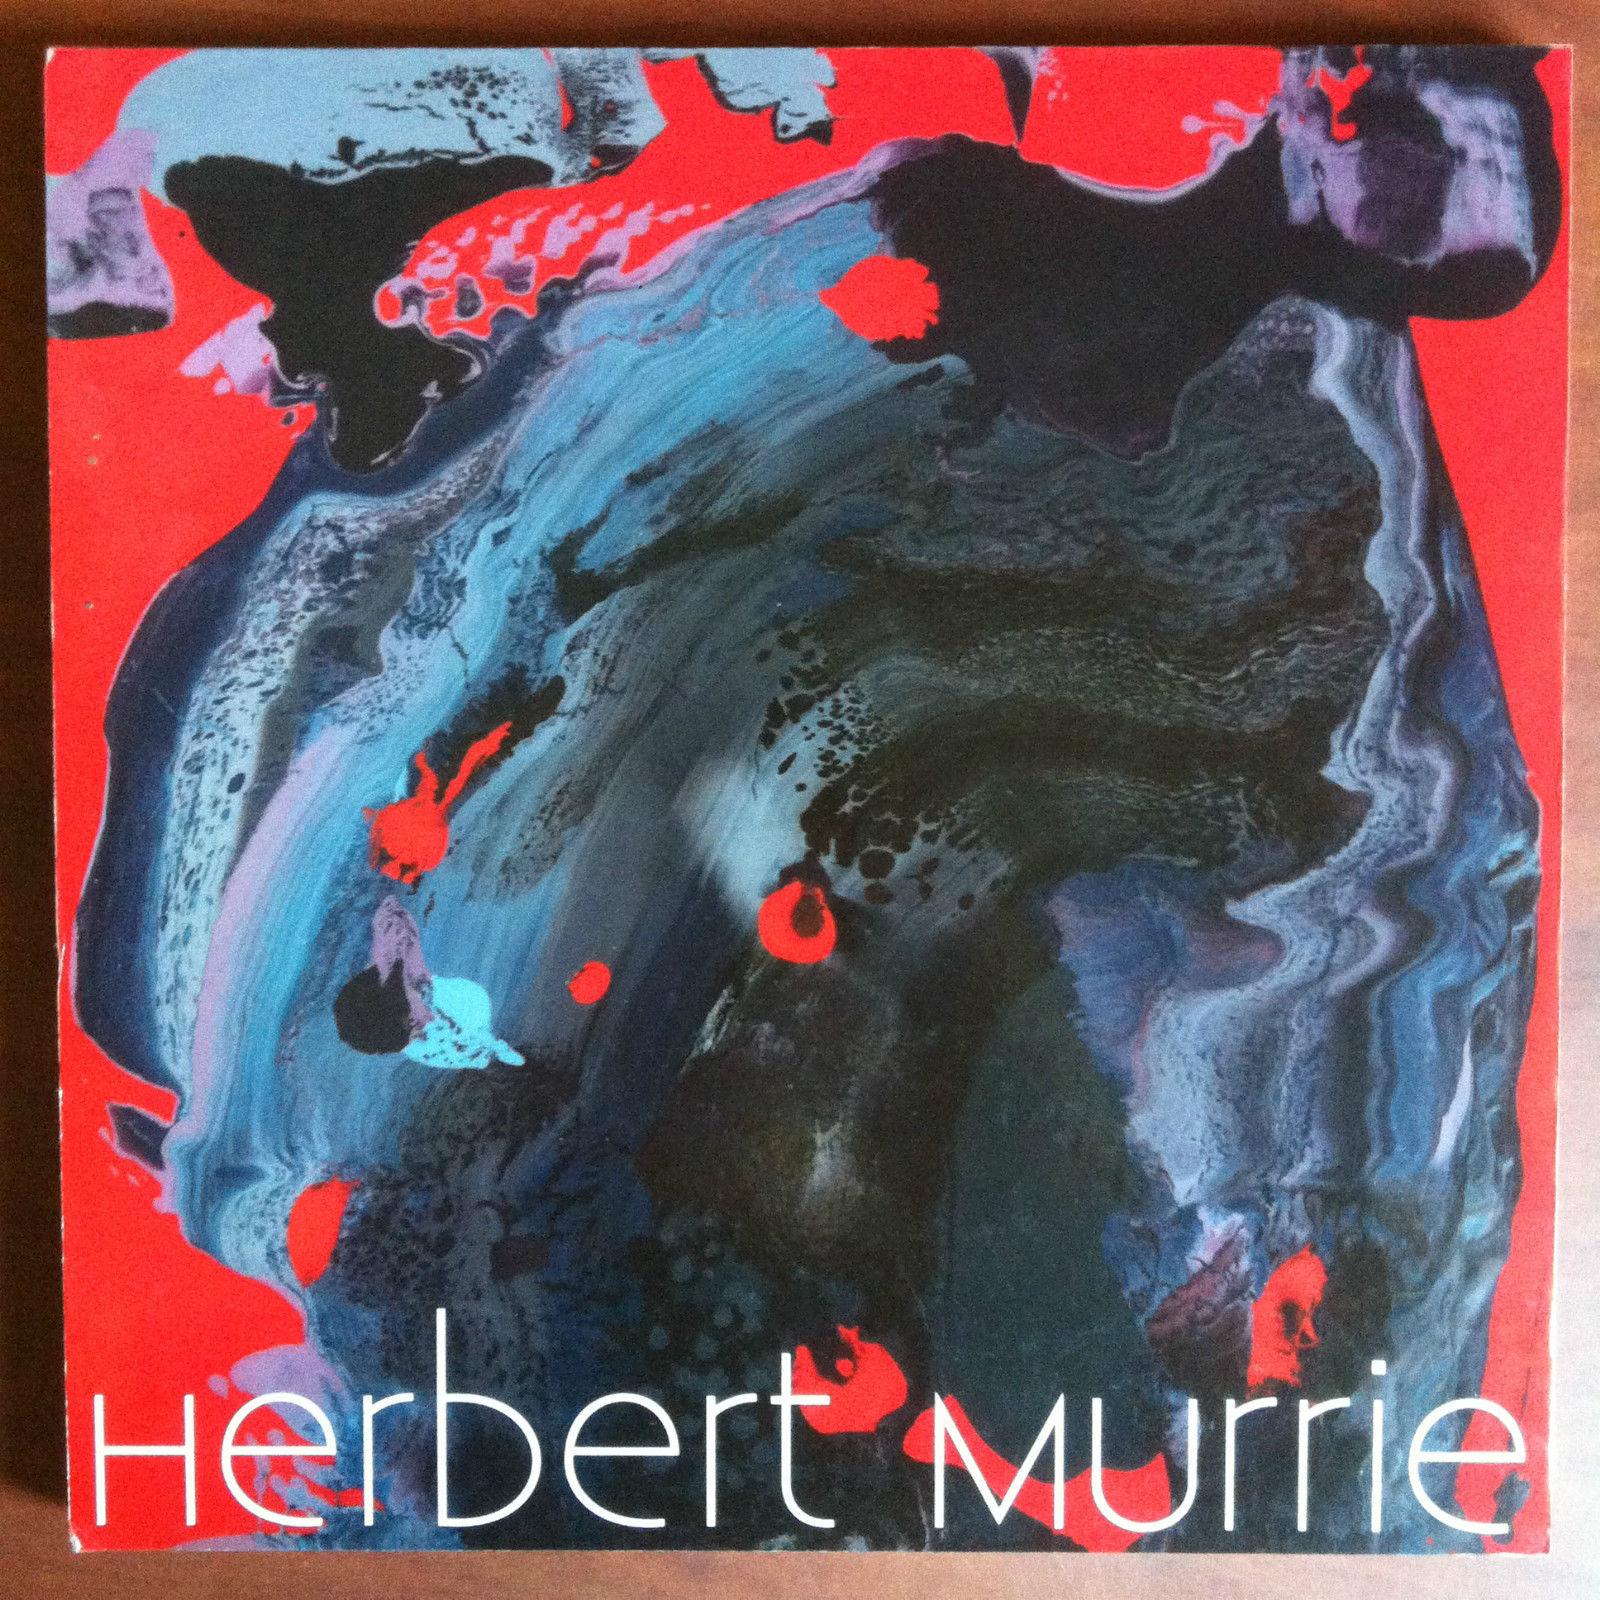 Herbert Murrie - Catalogo